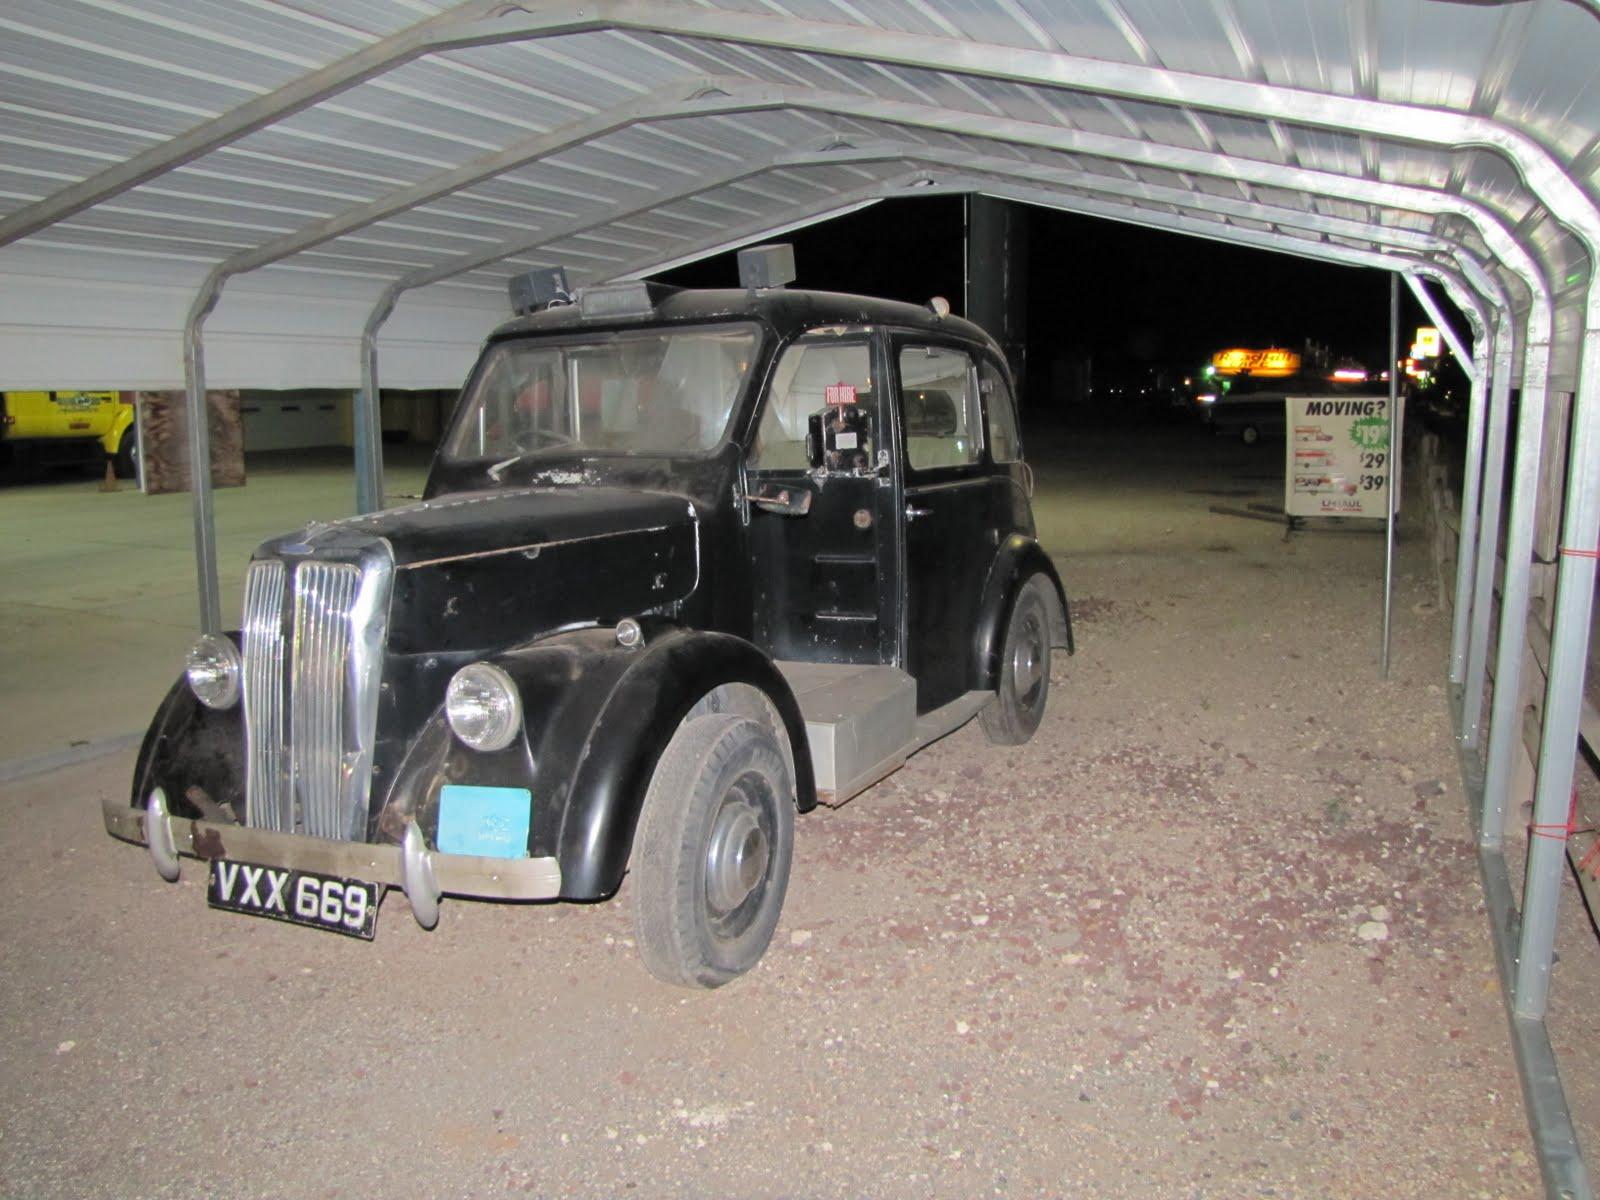 Route 66, Arizona, 1958 Austin FX3 London Taxi